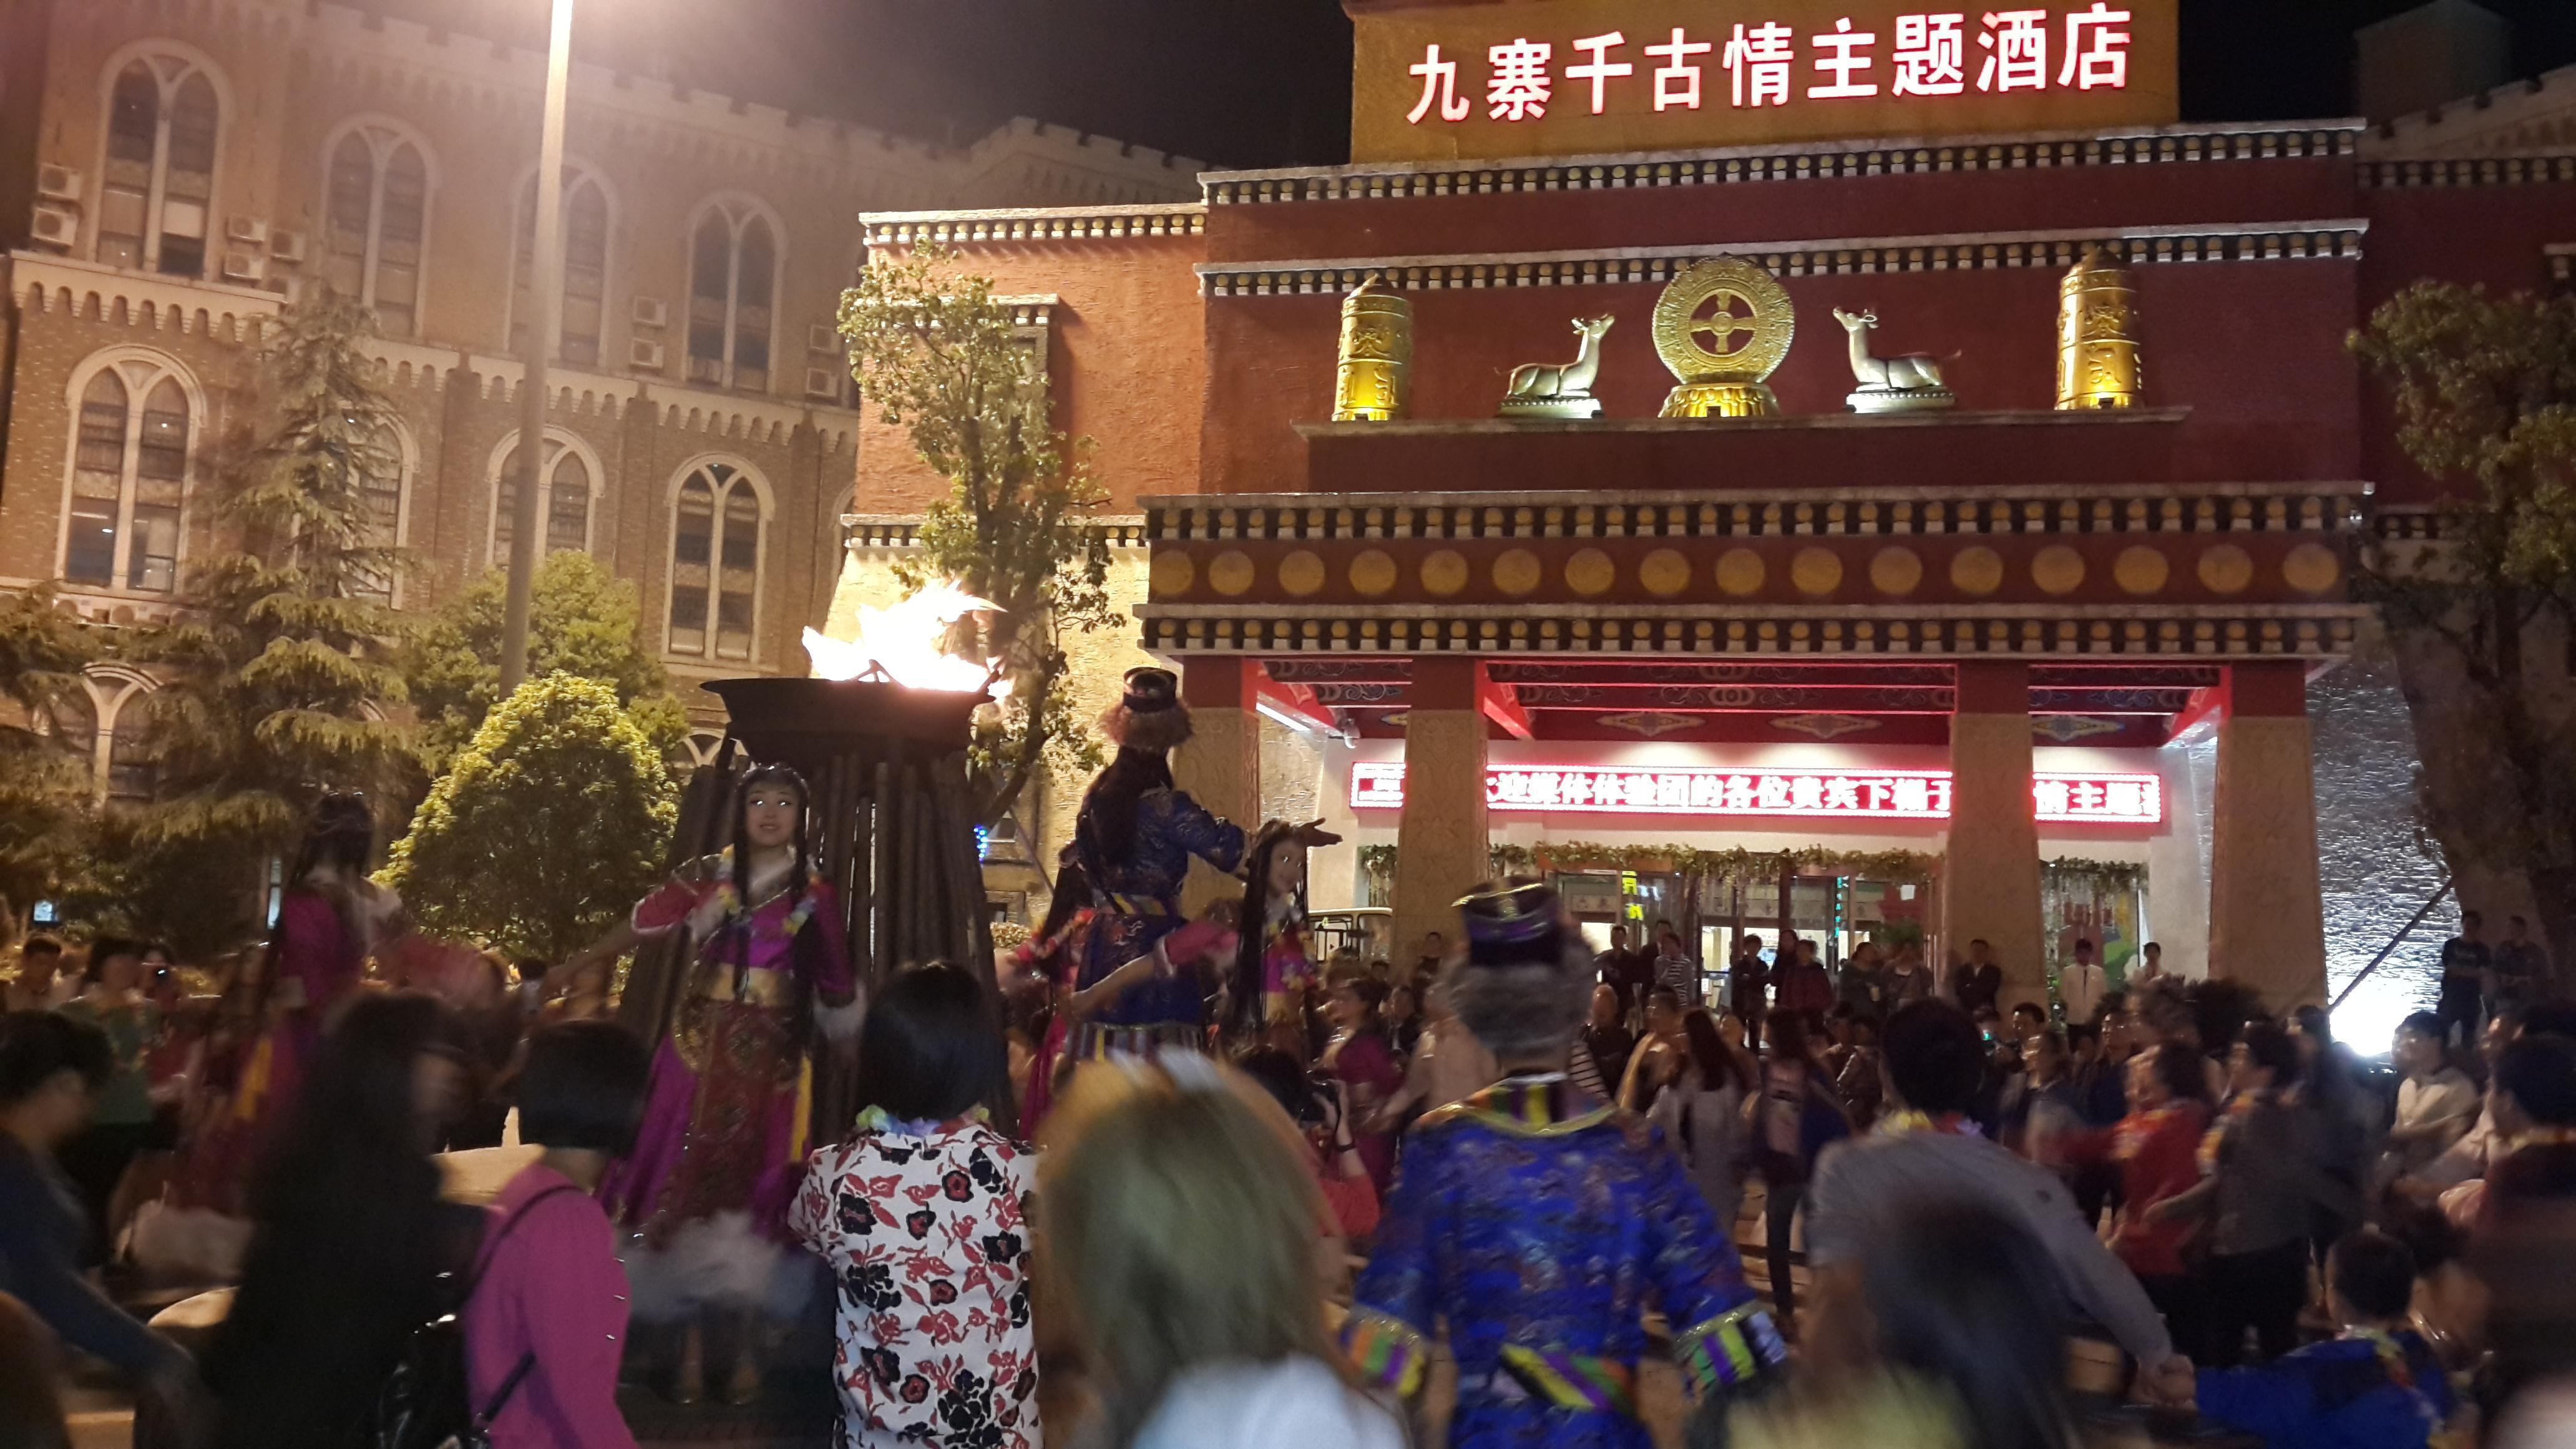 宋城景区离酒店很近,走路两三分钟图片